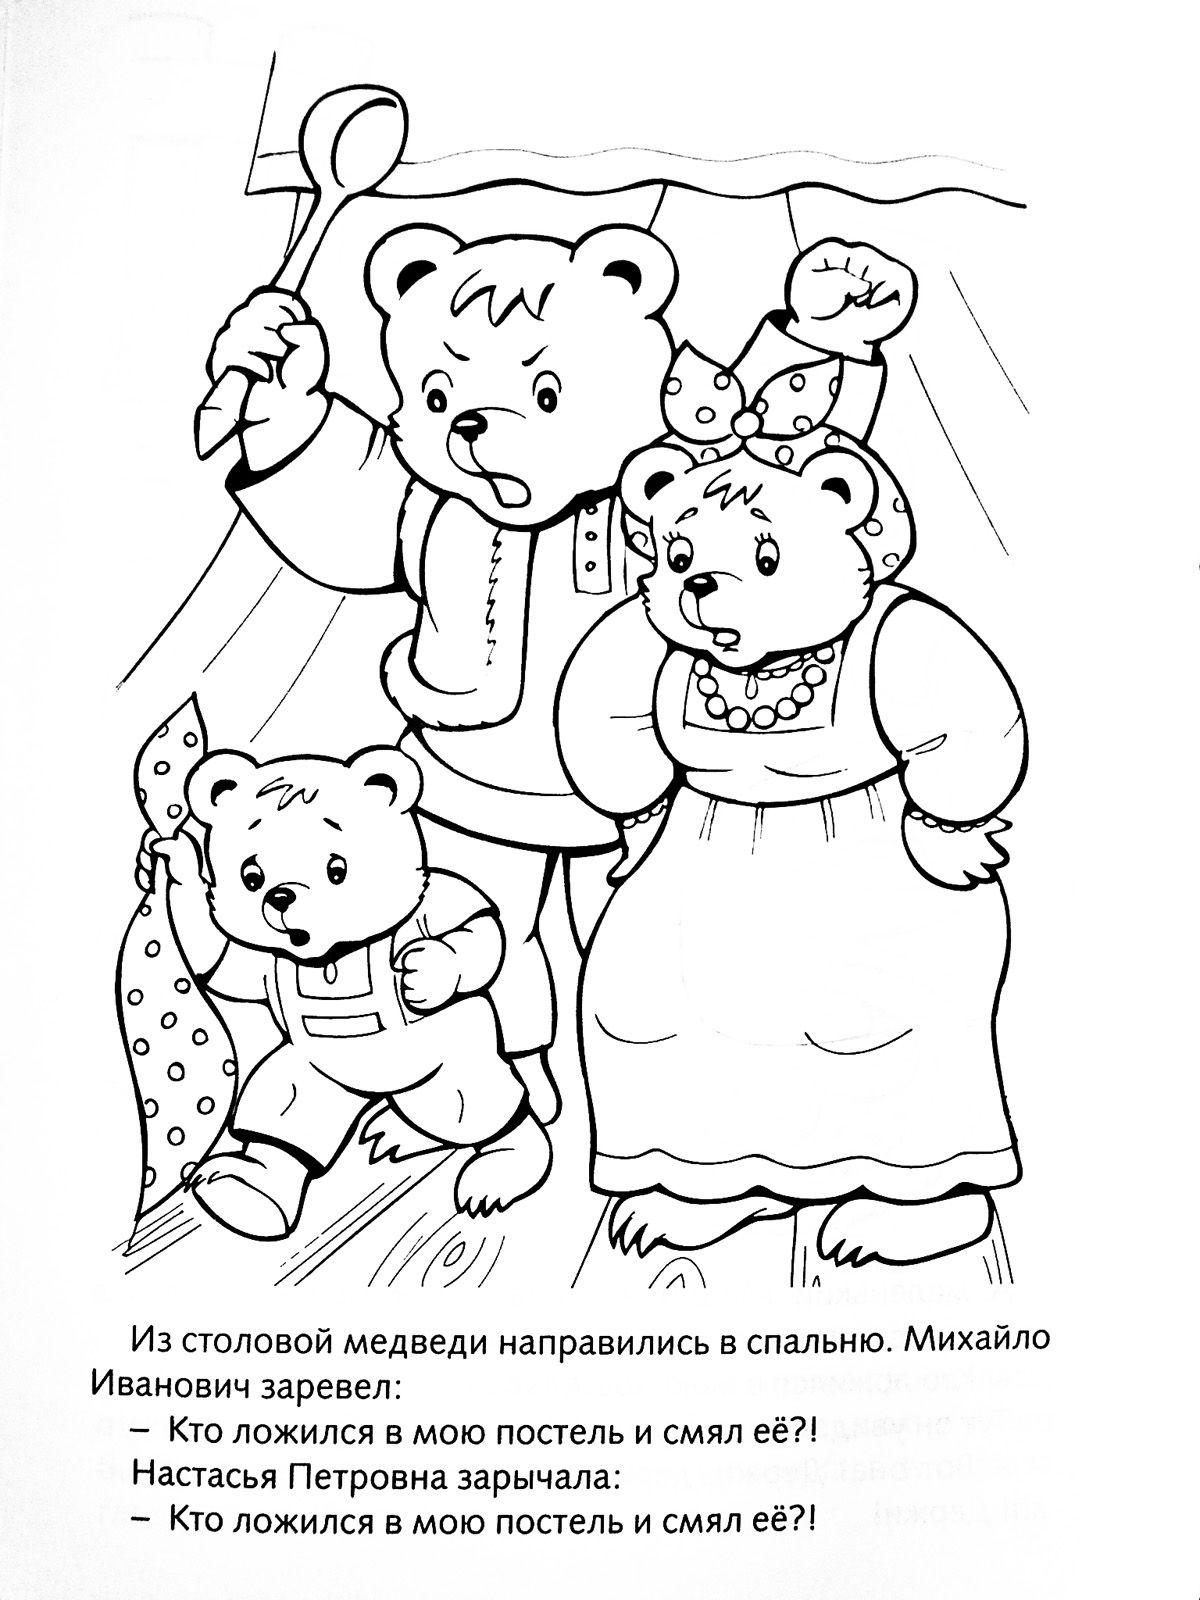 раскраски из сказки для малышей три медведя | Раскраски ...